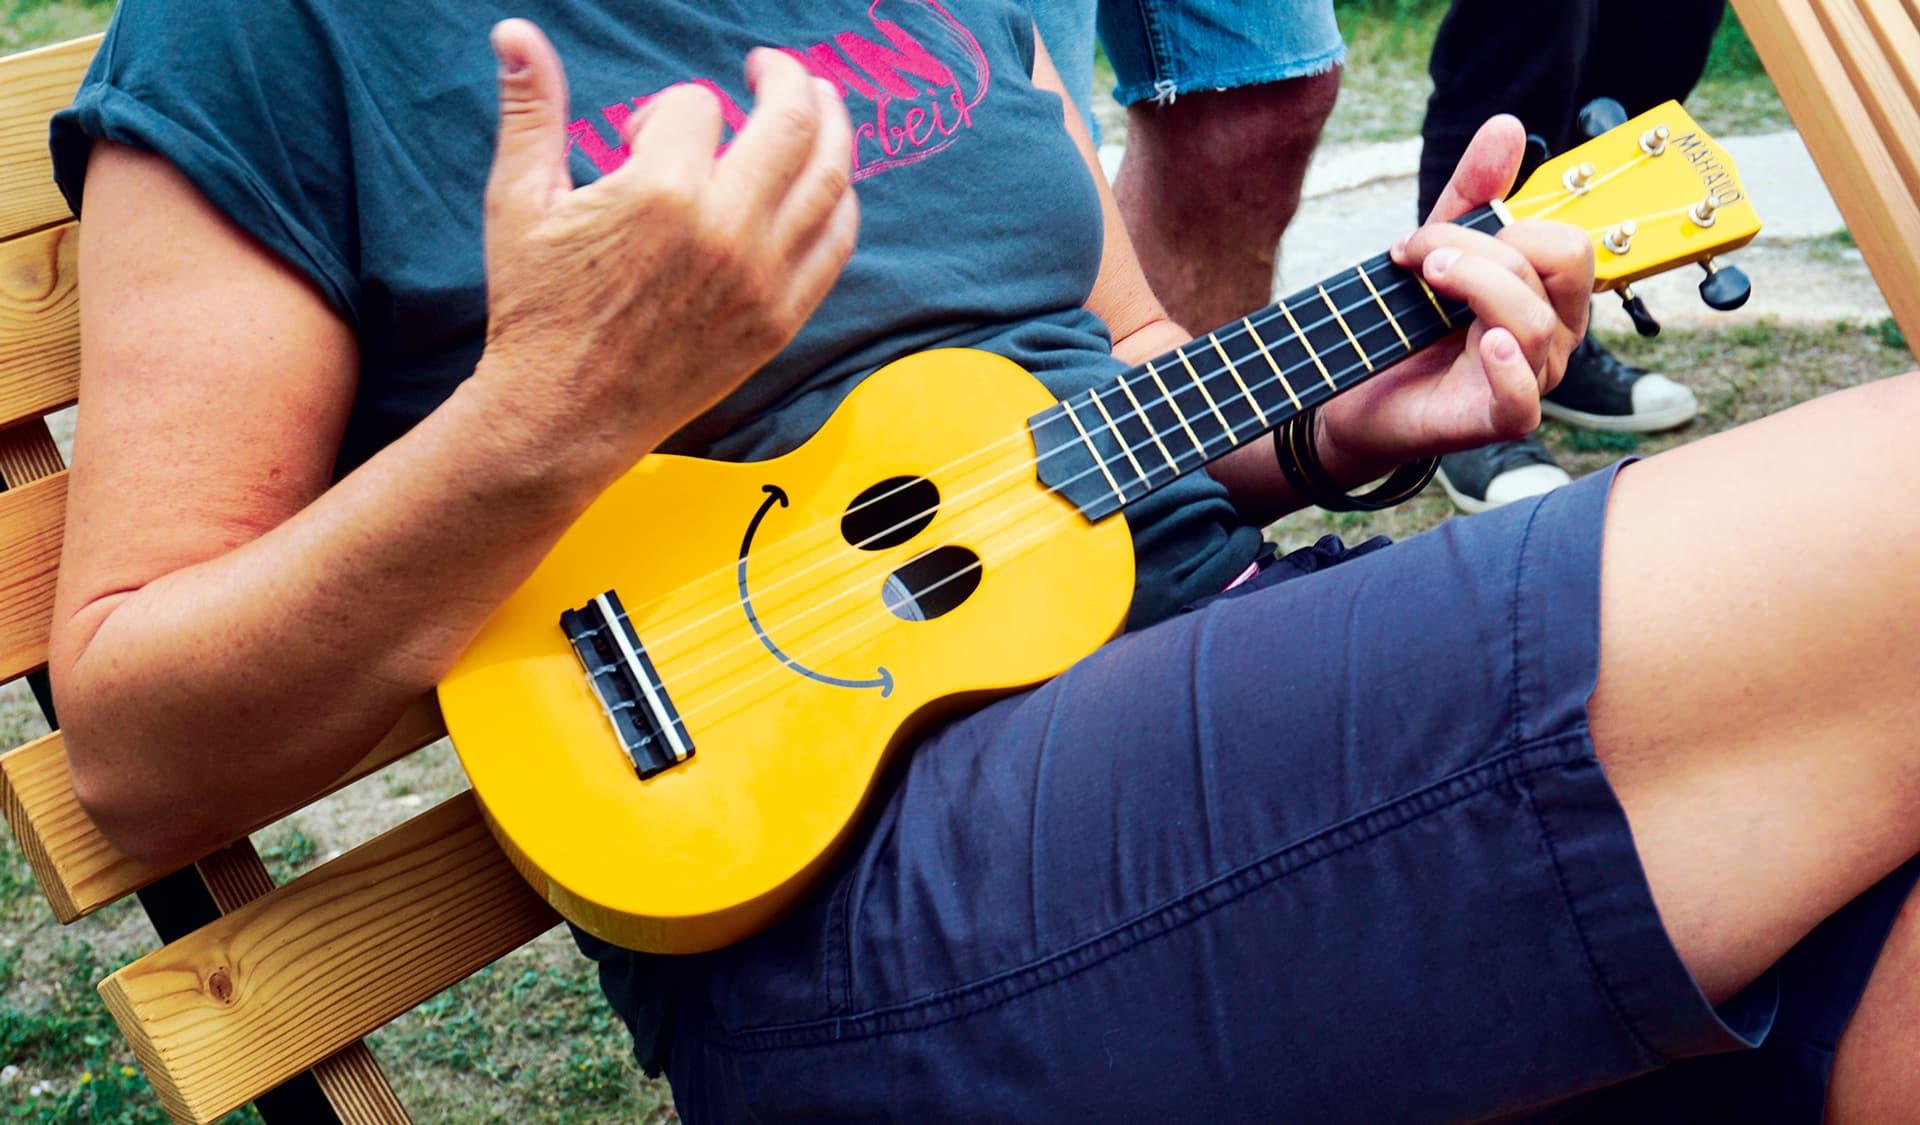 Mann spielt Ukulele